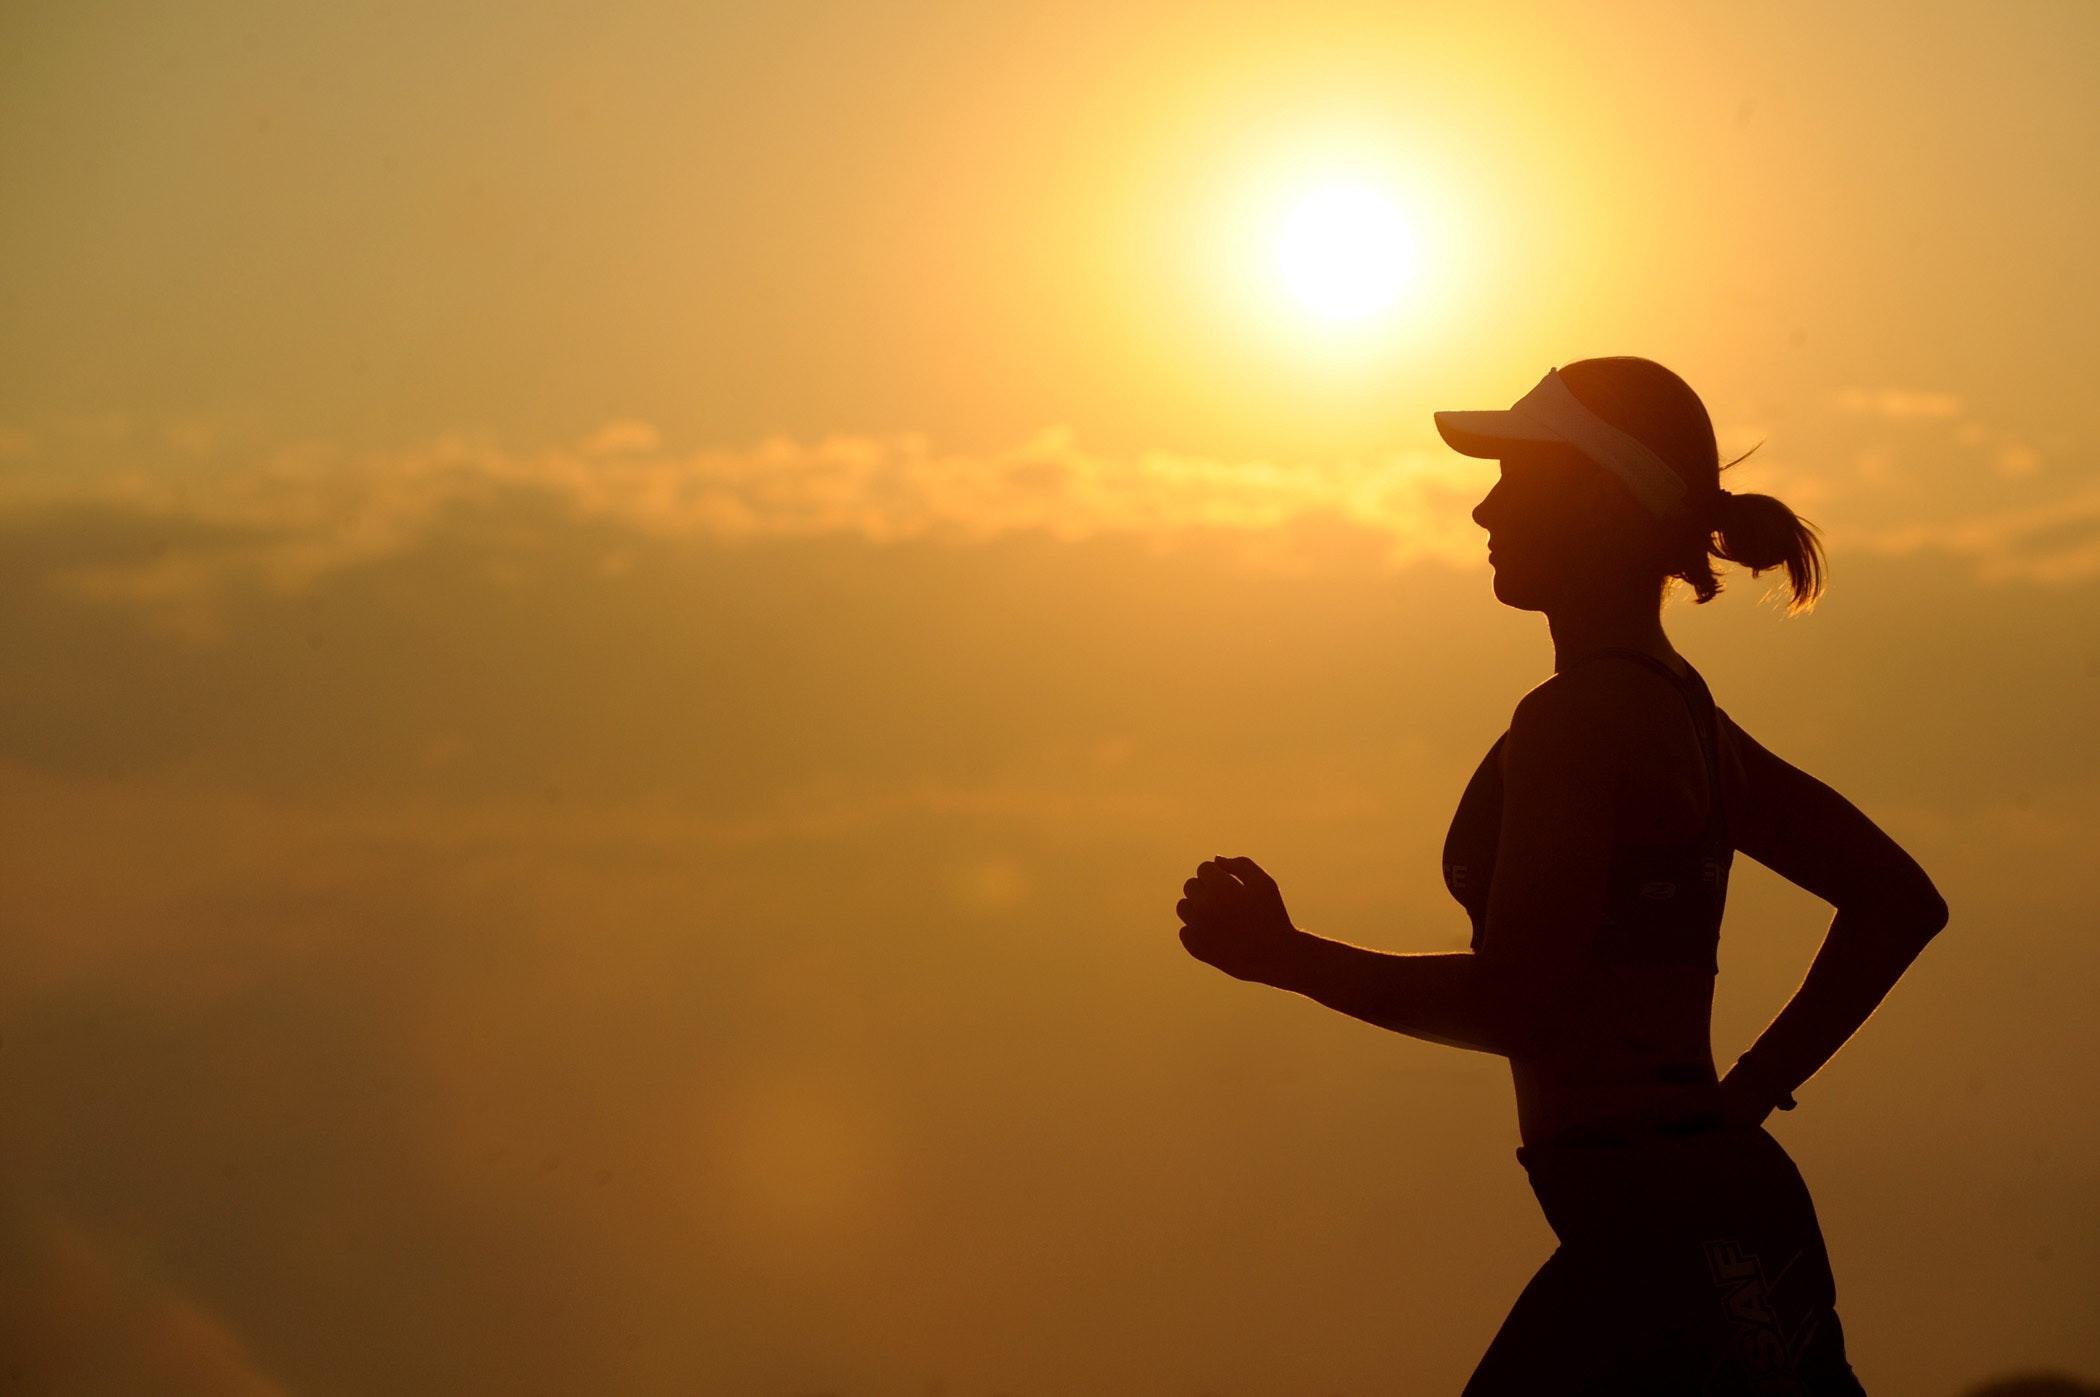 Mujer realizando deporte que busca mantener una vida sana y saludable.